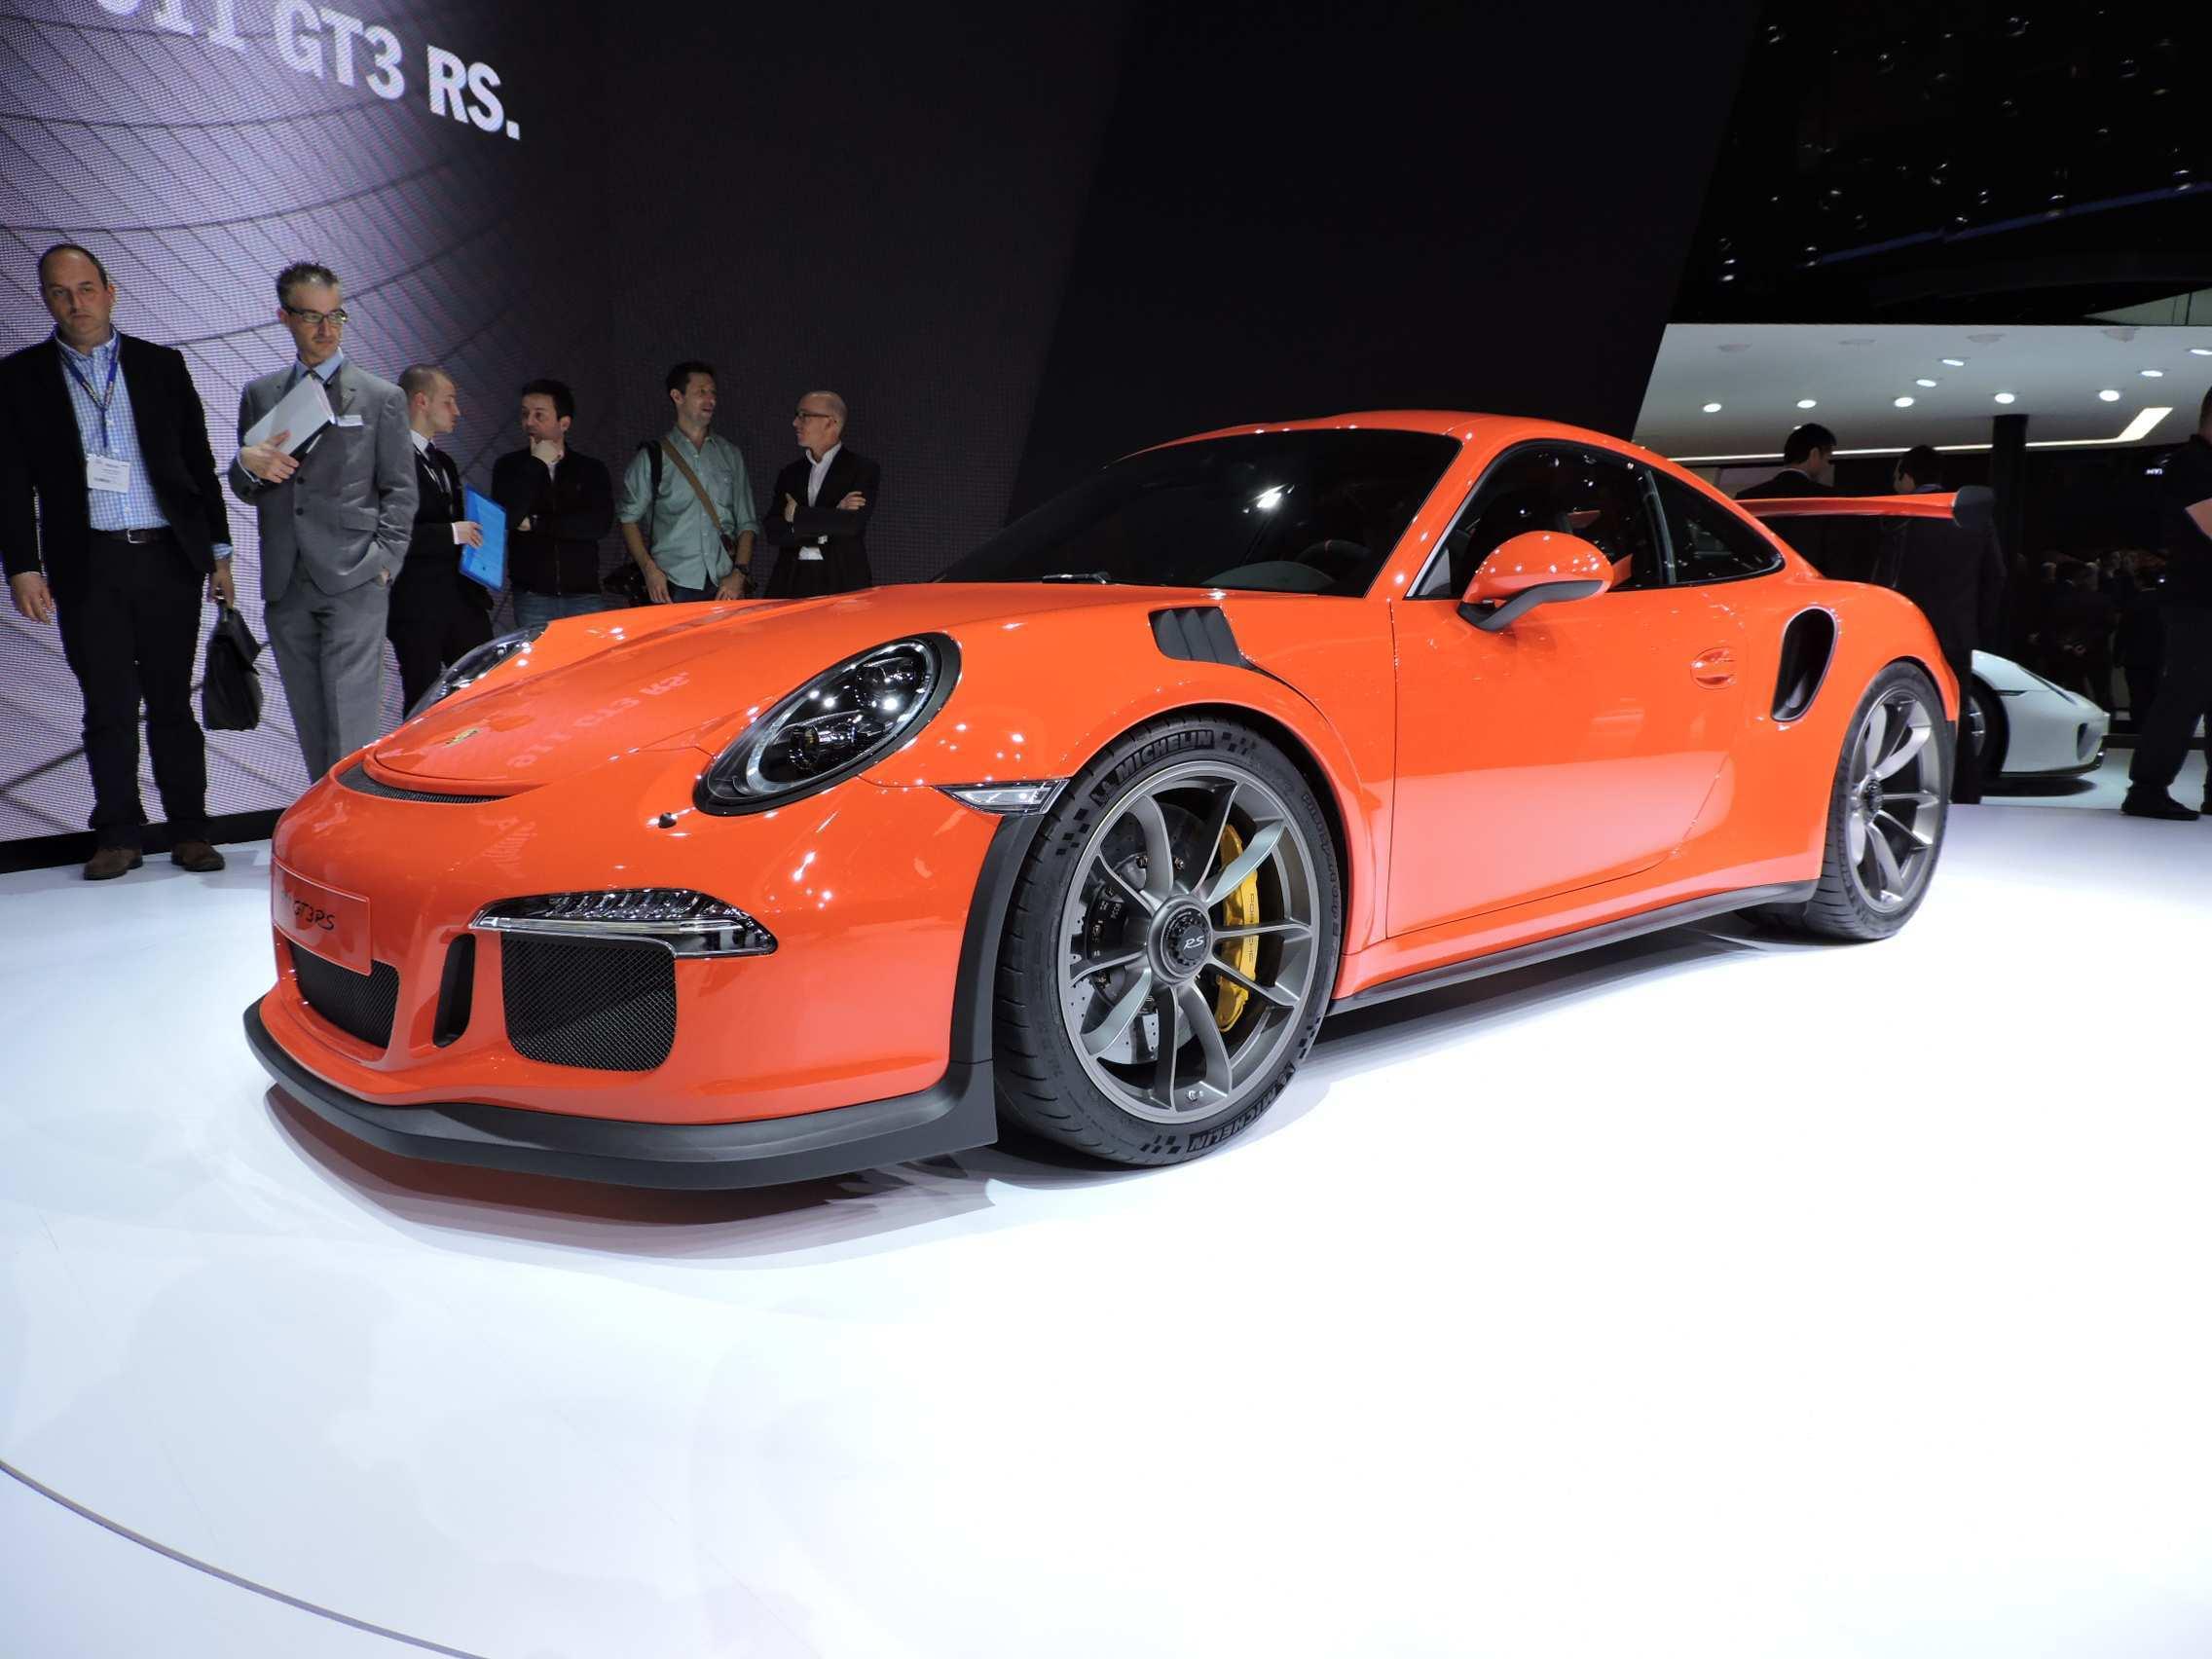 55 New Porsche Pajun 2020 Pictures with Porsche Pajun 2020